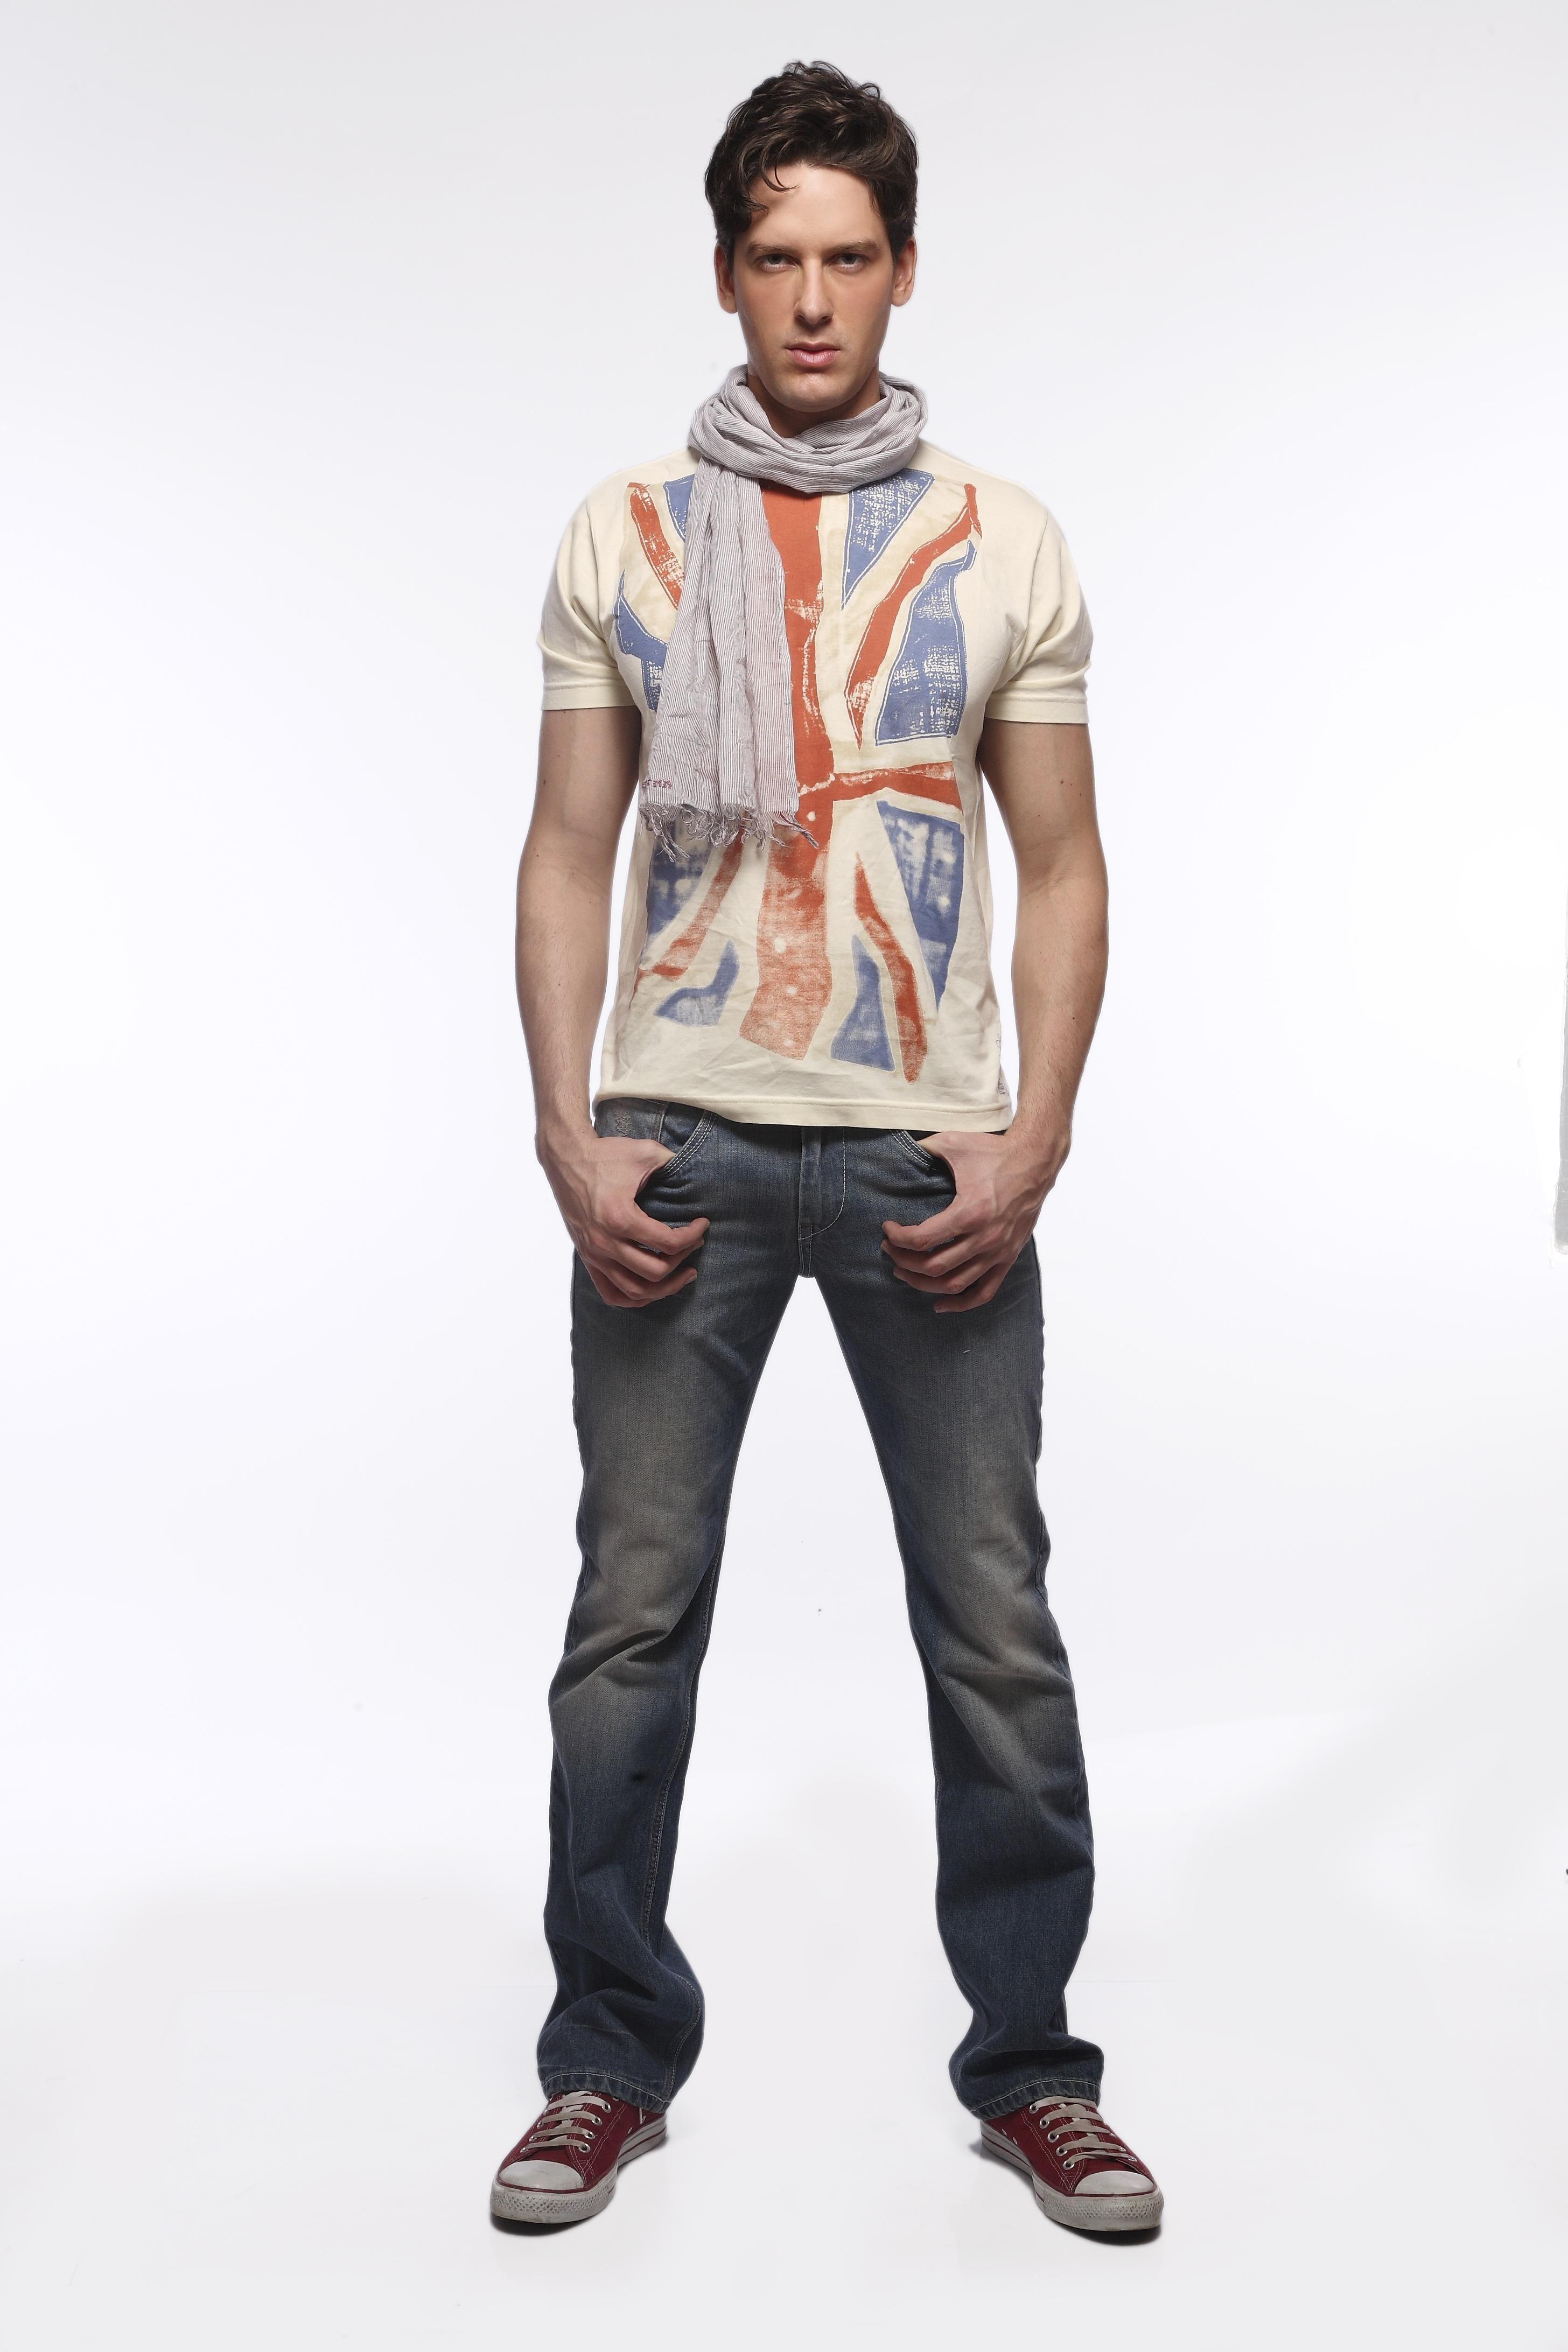 78 Best images about Men's Fashion on Pinterest | Fashion men ...